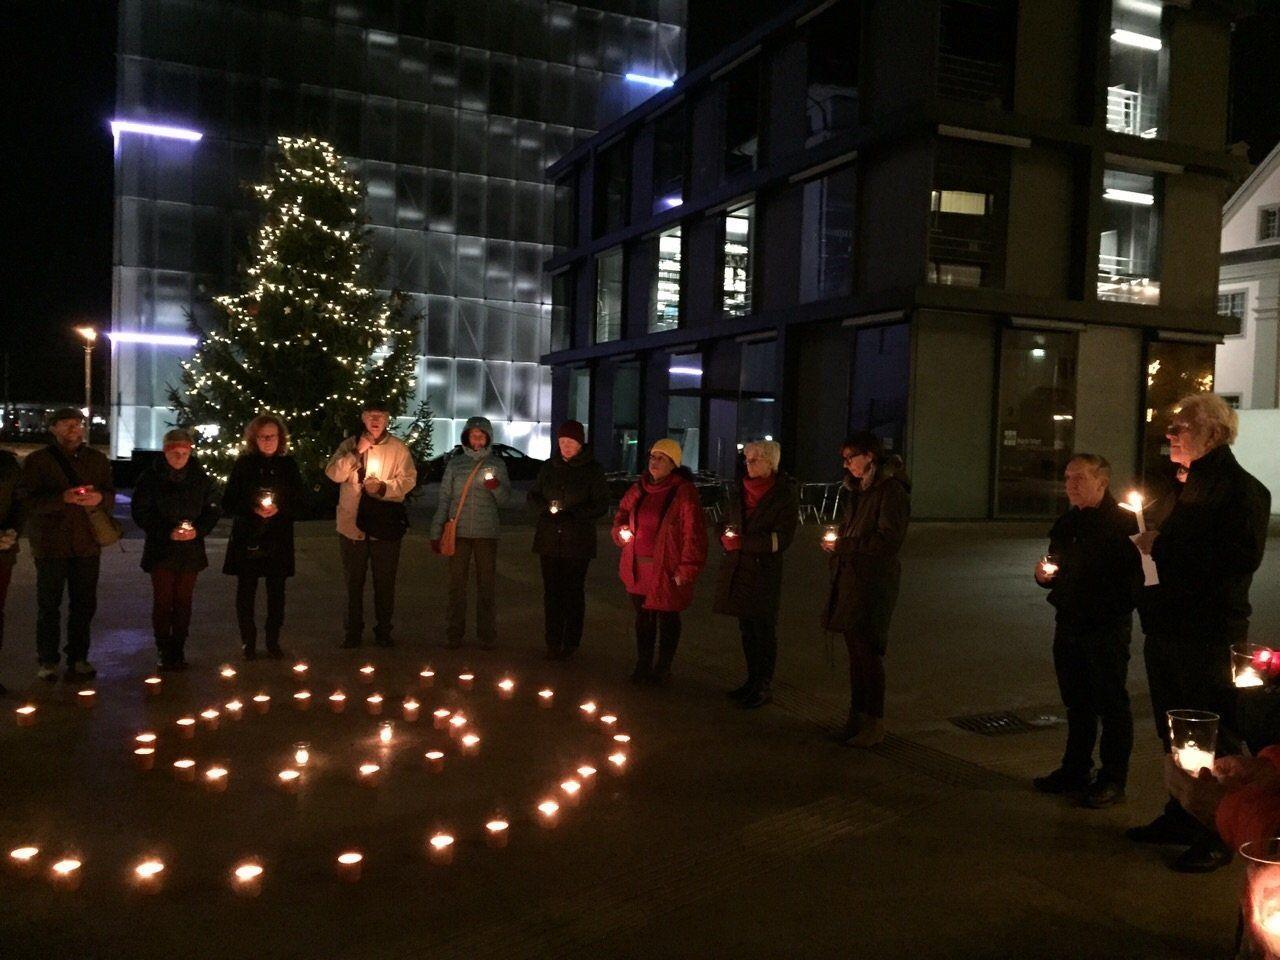 """""""Schweigen für Frieden"""" entwickelt sich gut. An die 50 Personen setzten auf diese Weise ein 'sprechendes' Zeichen für Gewaltverzicht und Versöhnungsbereitschaft."""